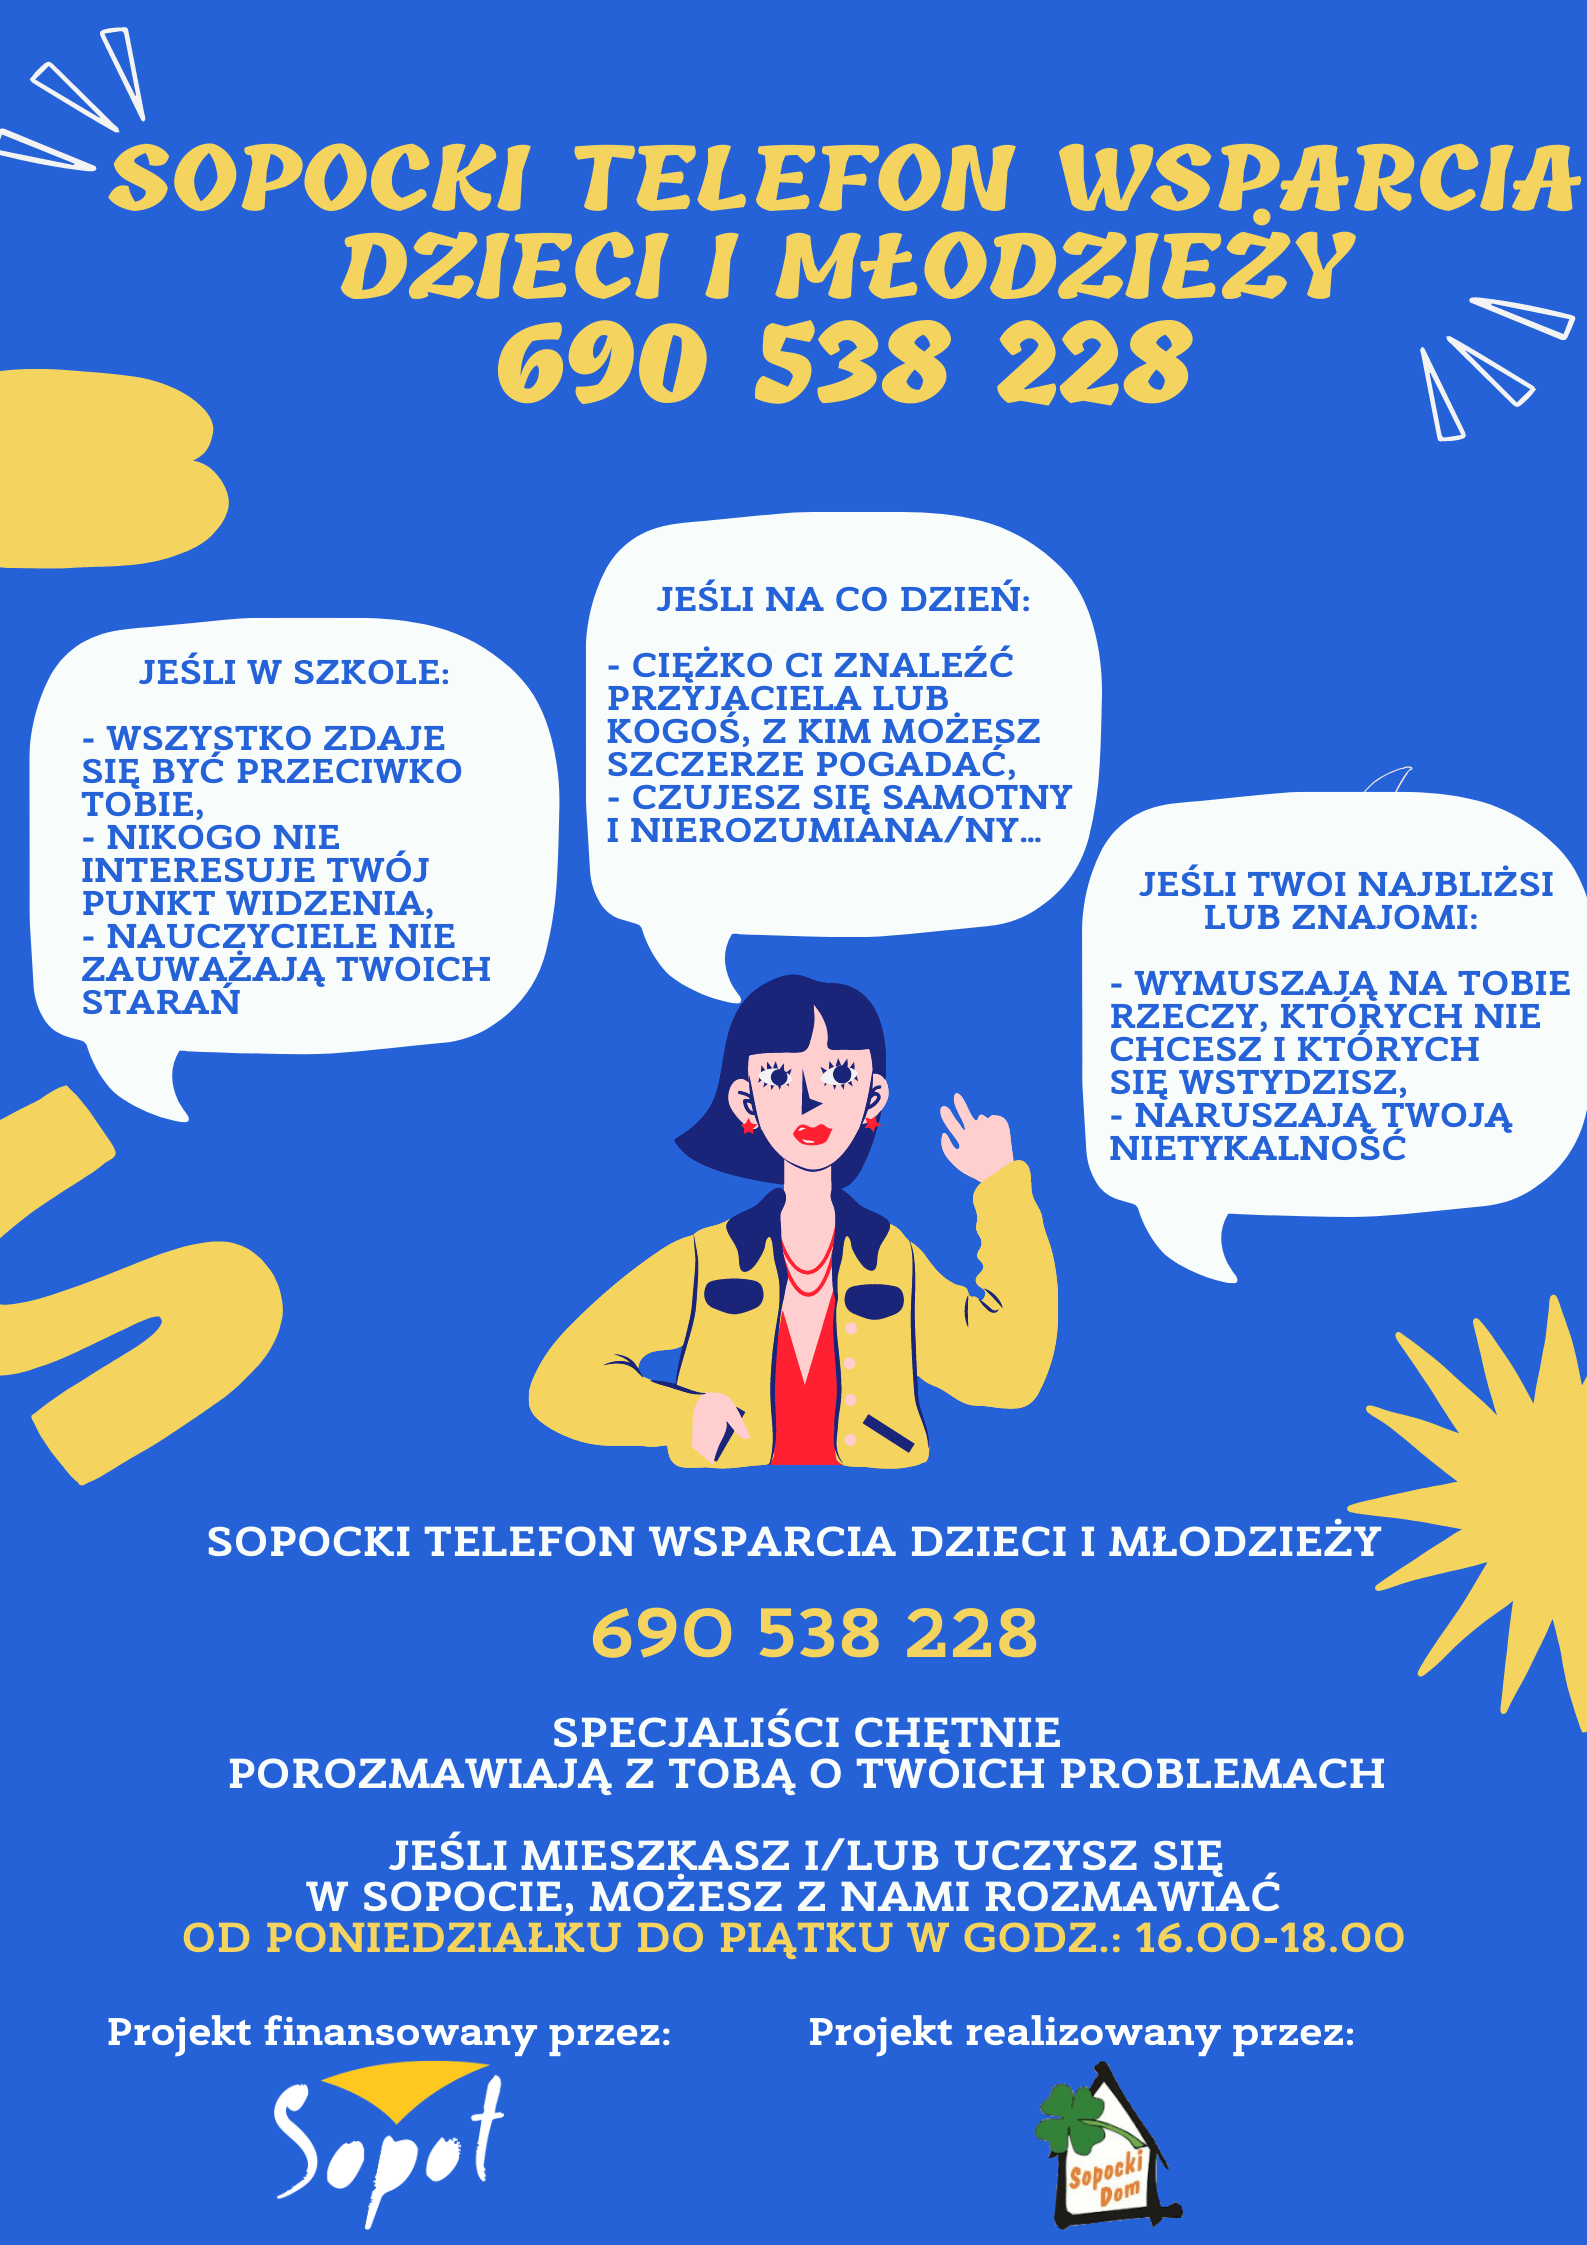 Sopocki Telefon Wsparcia Dzieci i Młodzieży